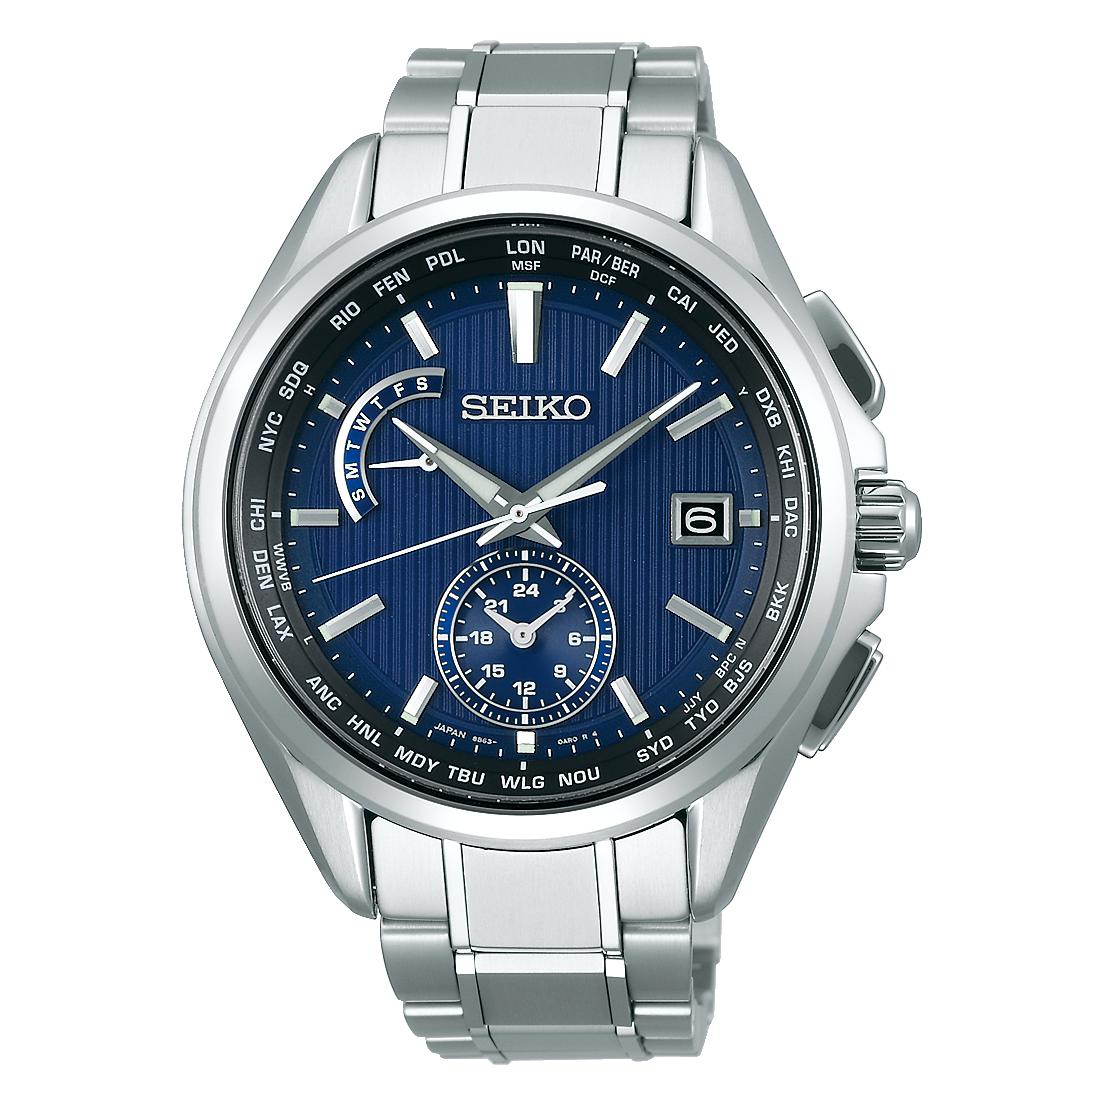 Seiko SAGA285